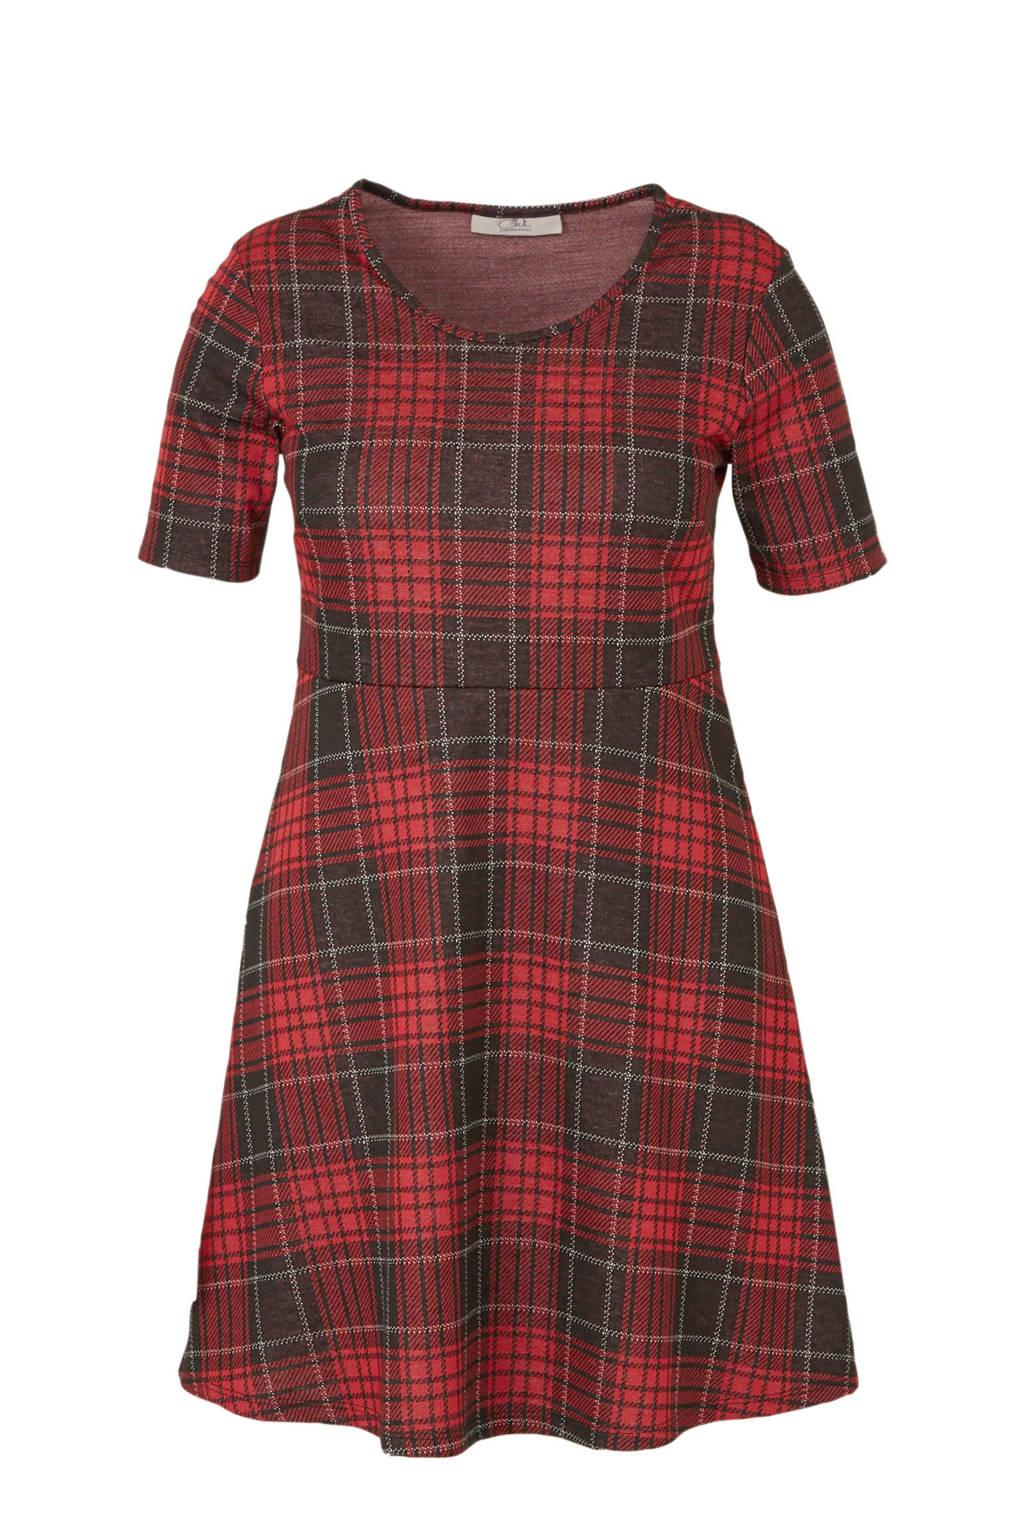 C&A XL Clockhouse geruite A-lijn jurk rood/zwart, Rood/zwart